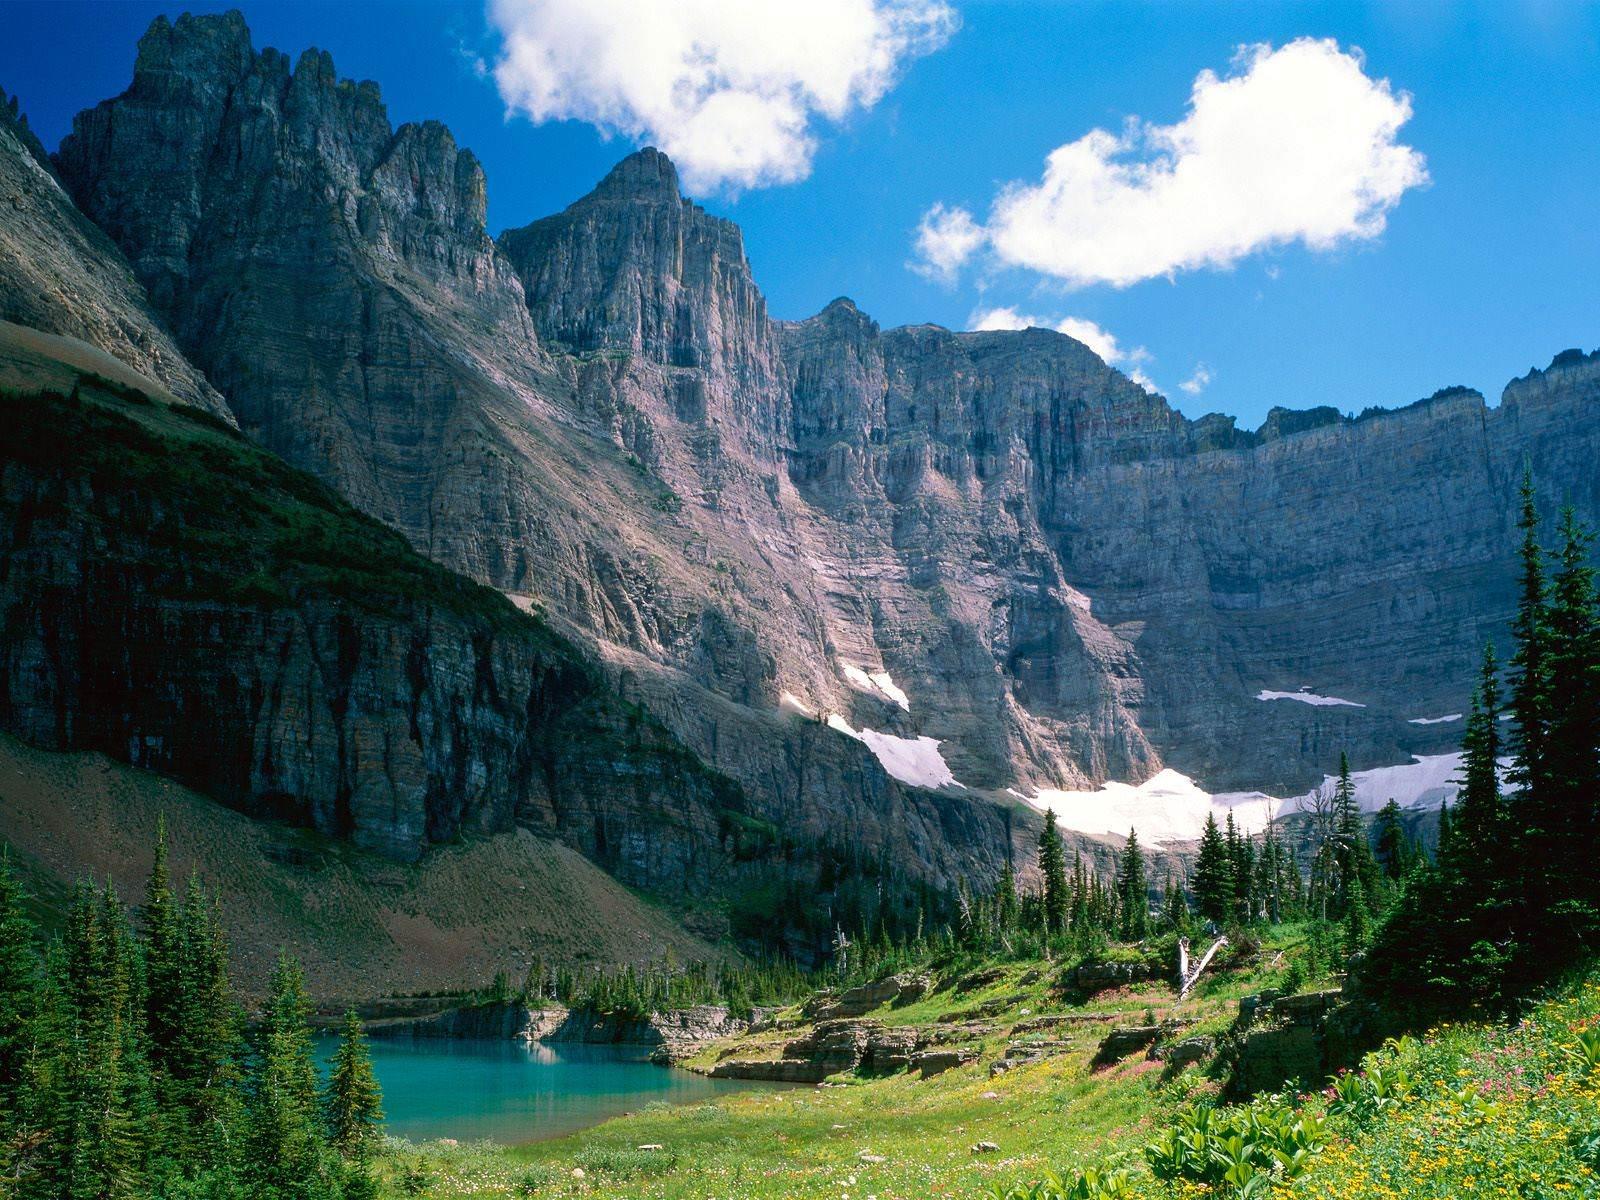 lake canyon mountain wallpaper